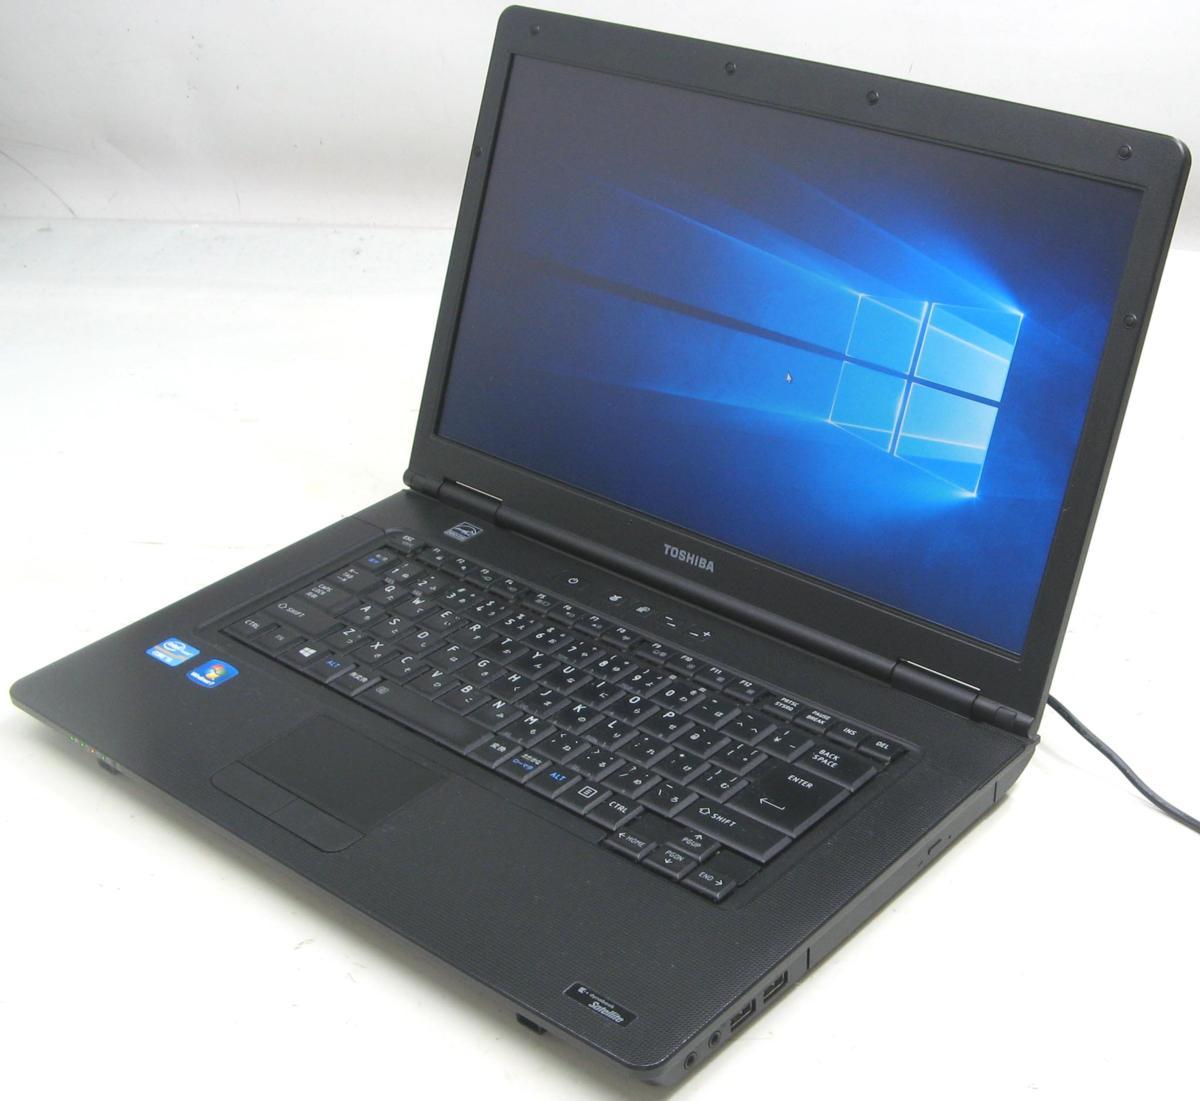 中古ノートパソコン 東芝 Satellite B552/F PB552FBA1R7A51(東芝 Windows10 Corei5 DVDスーパーマルチドライブ)【中古】【中古パソコン/中古PC】